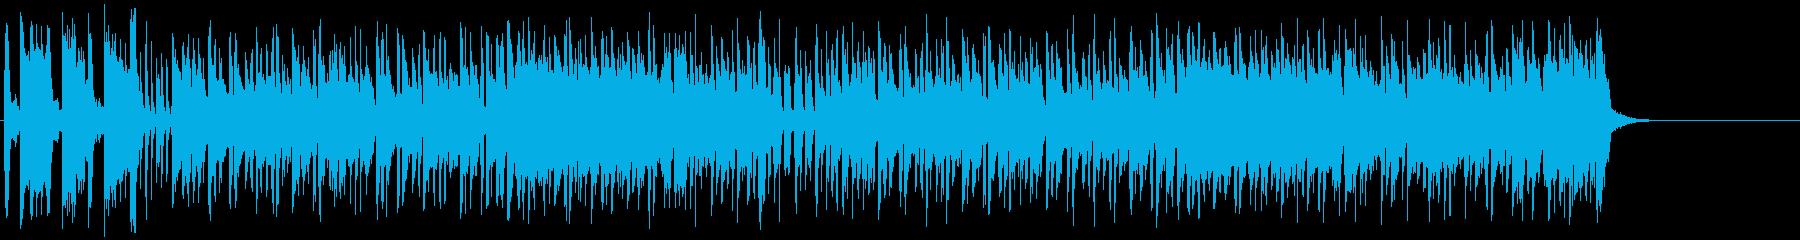 パリテイストの笑顔の似合うボサノバの再生済みの波形